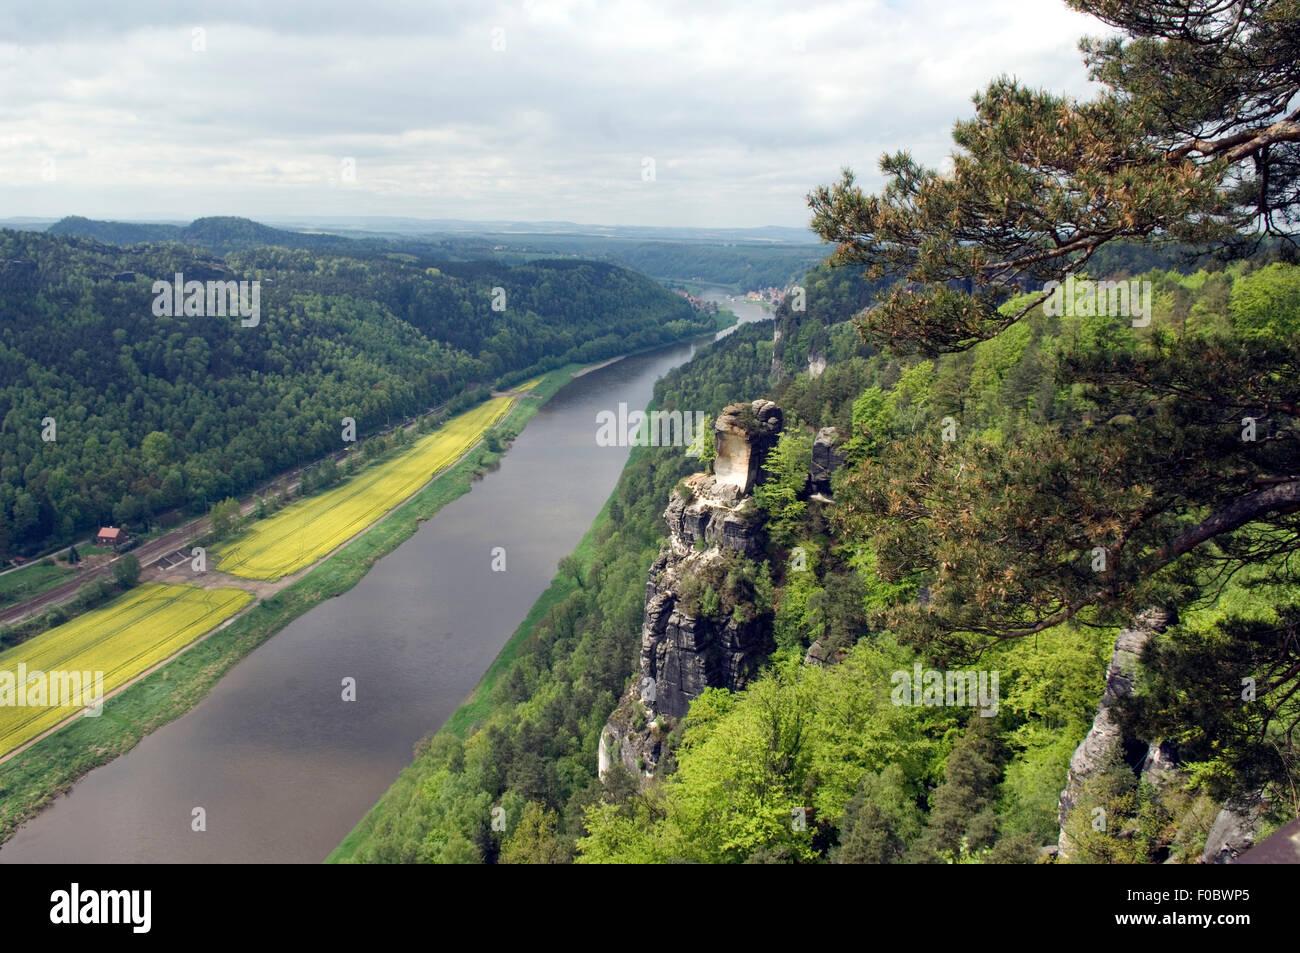 Elbsandsteingebirge, Elbe, Fluss, Sandstein, - Stock Image